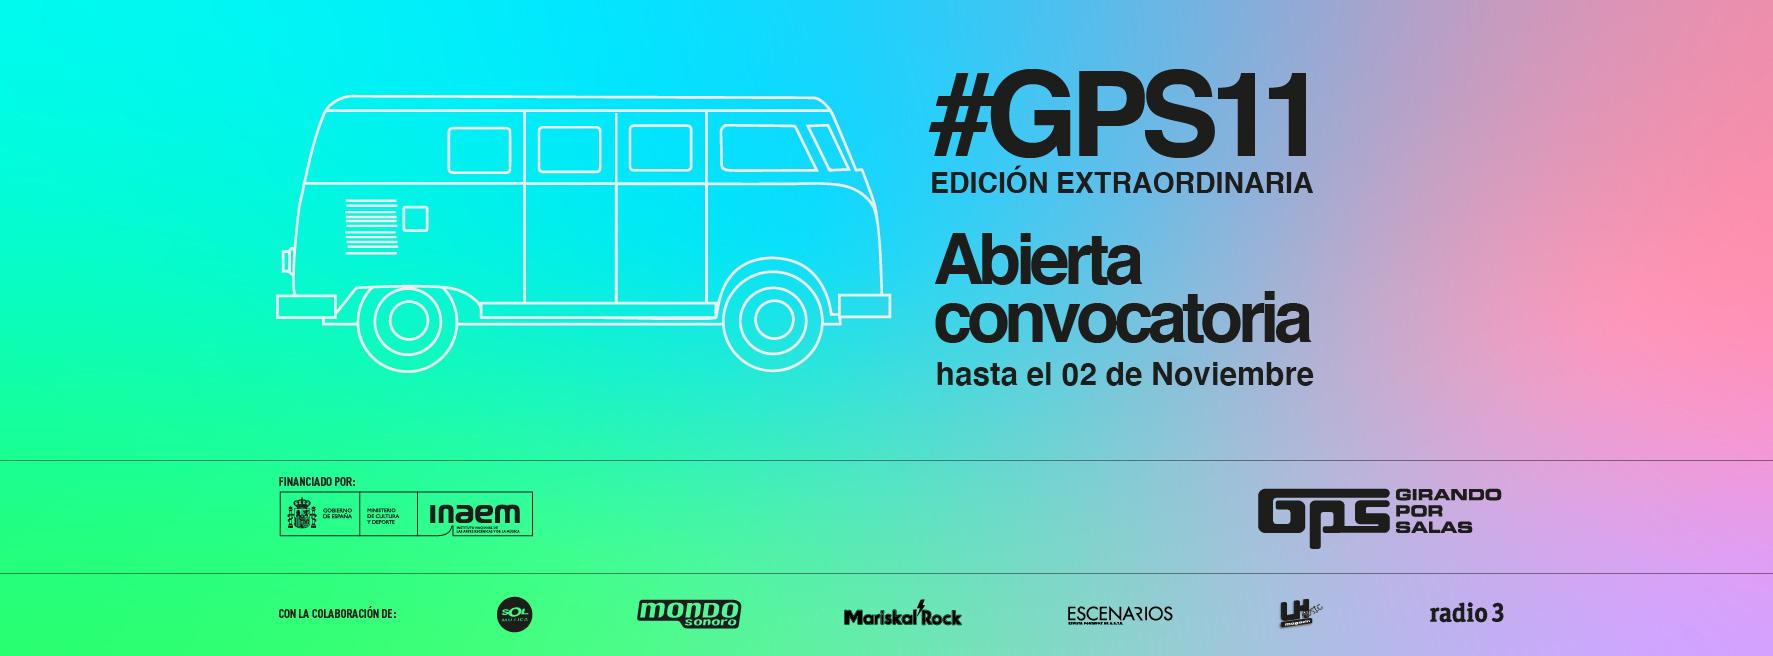 Girando Por Salas #GPS11 - 2022